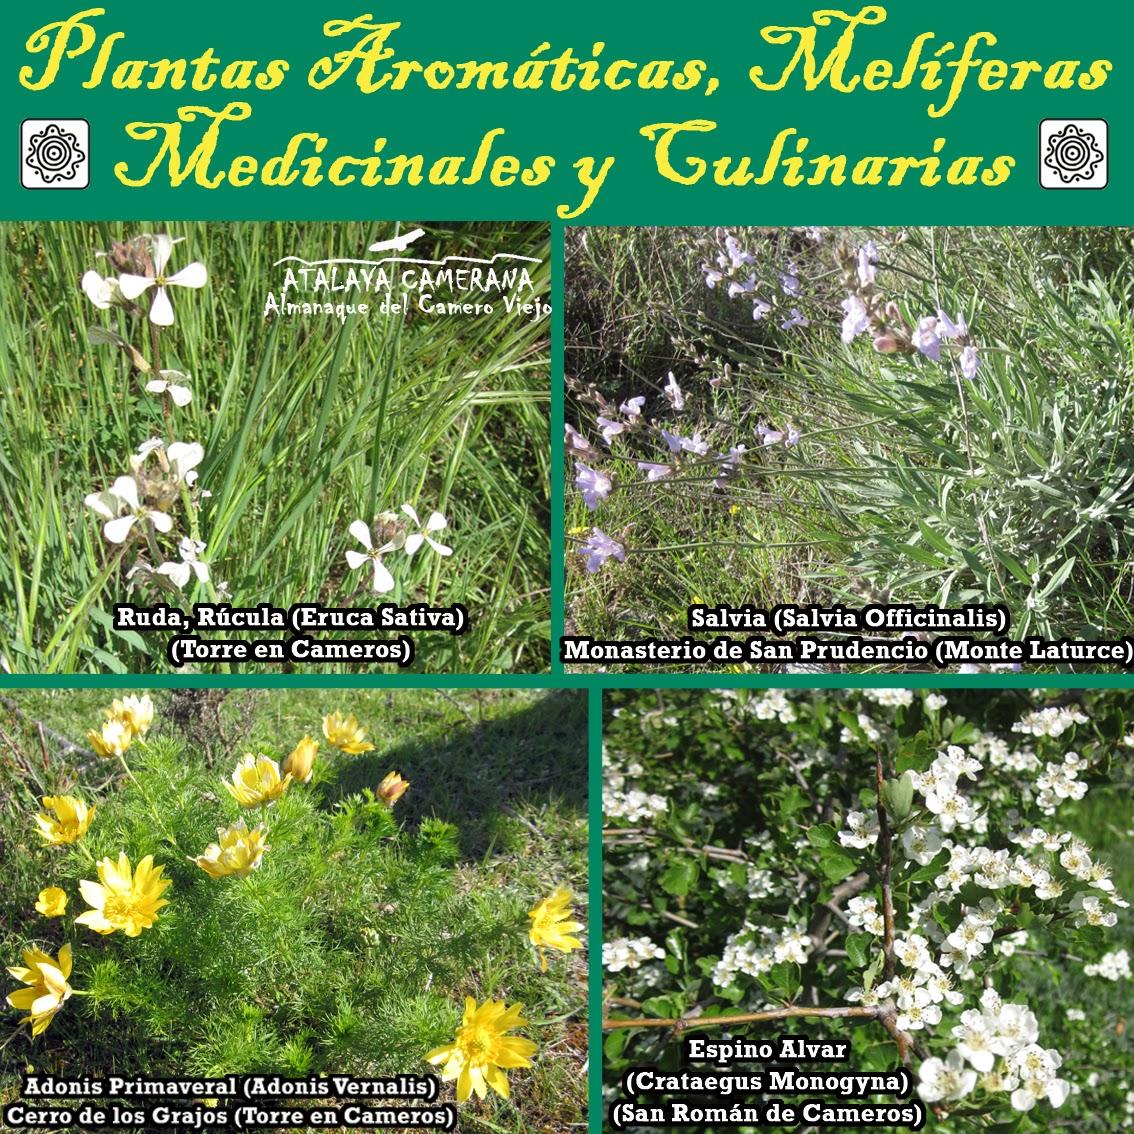 Sierra del Camero Viejo - Valle del Leza. Patrimonio Cultural y Natural. Plantas Aromáticas, Melíferas, Medicinales y Culinarias